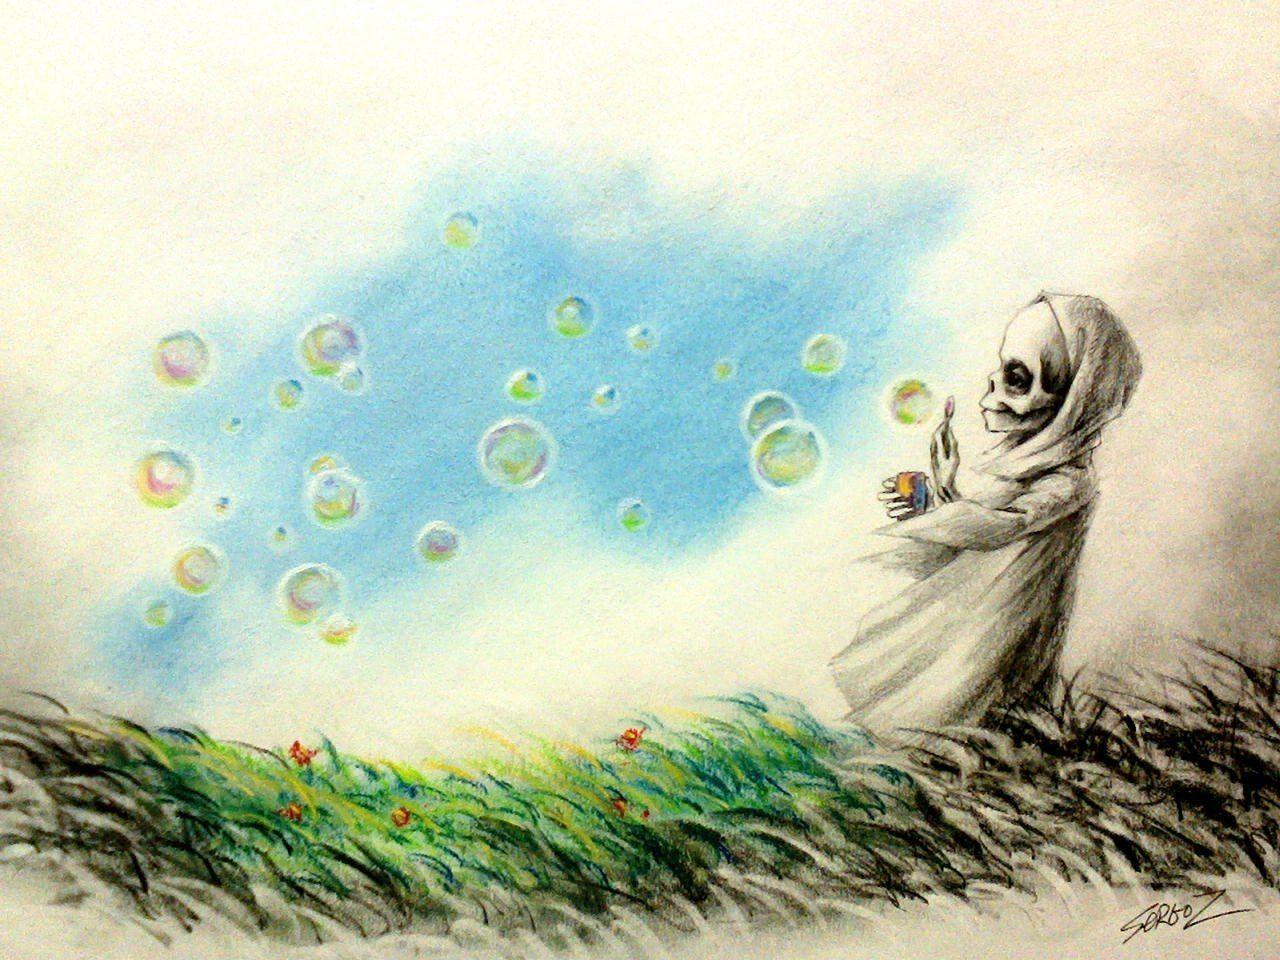 Цветы анимация, картинки будни маленькой смерти